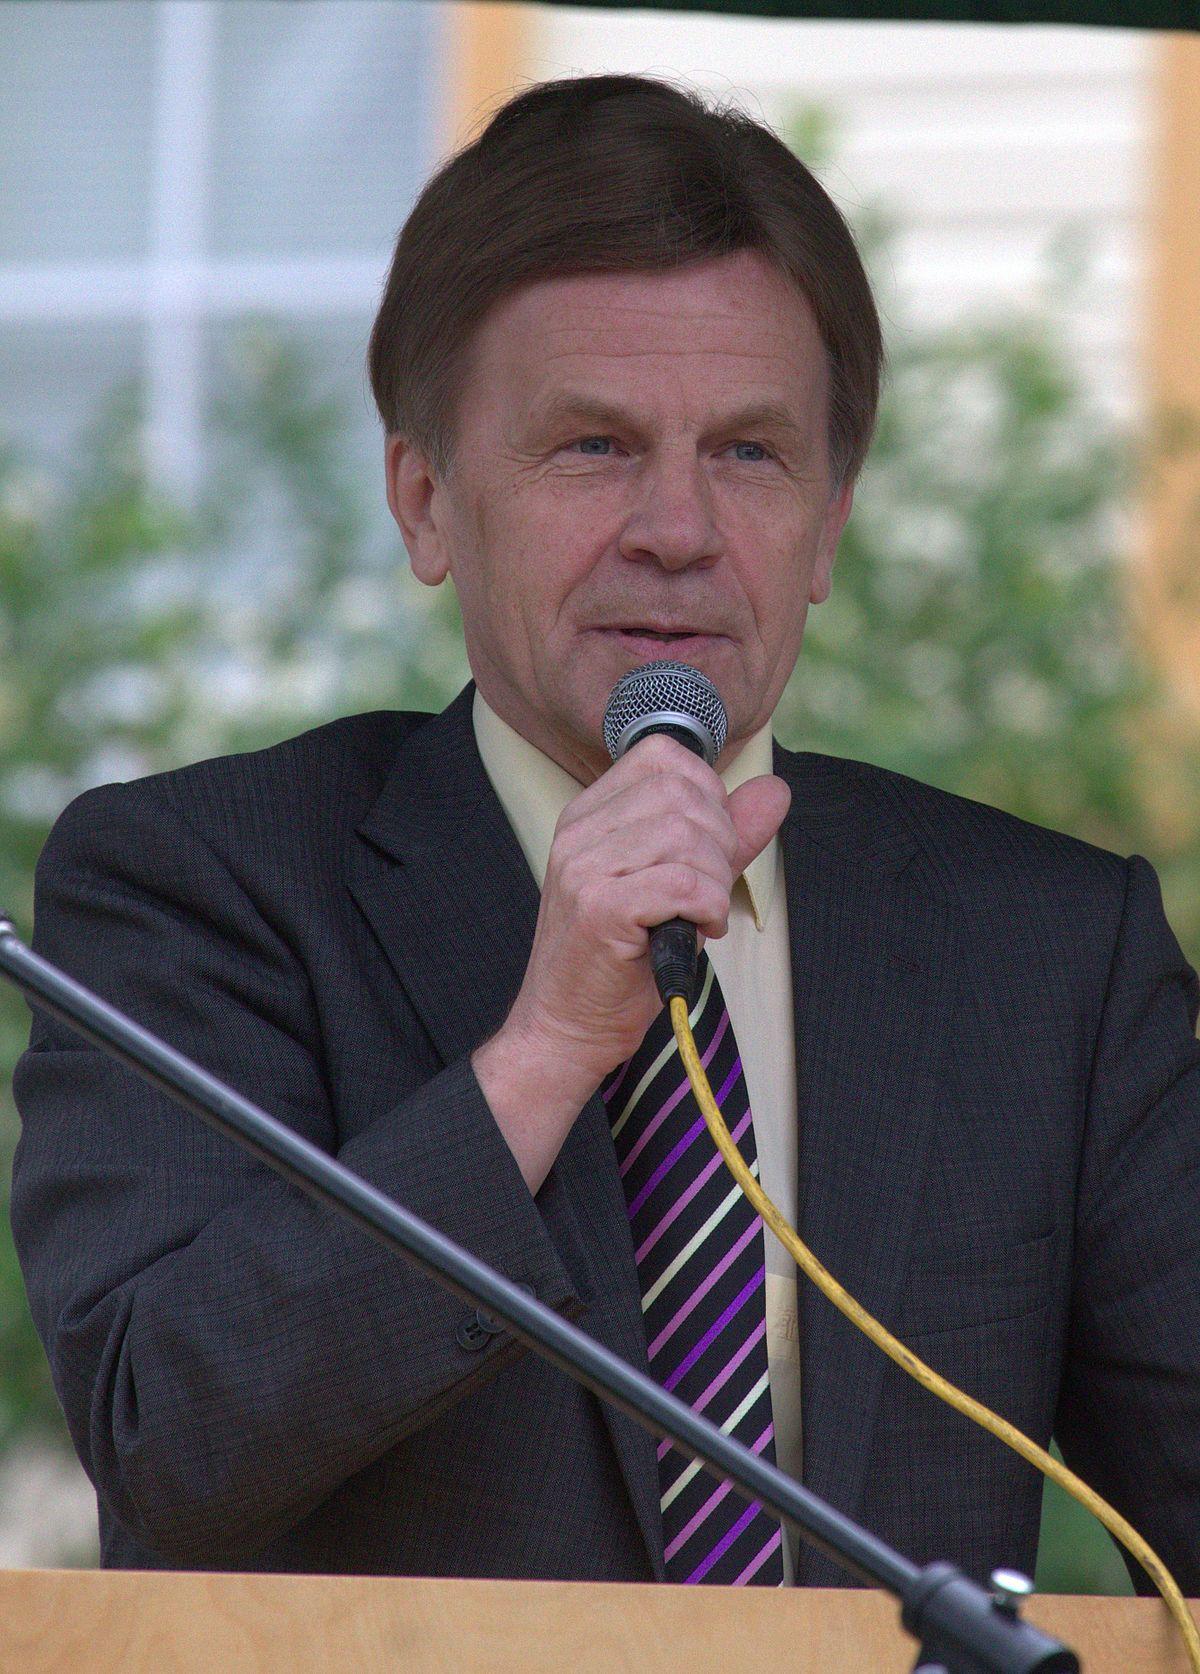 Mauri Pekkarinen Nuorena